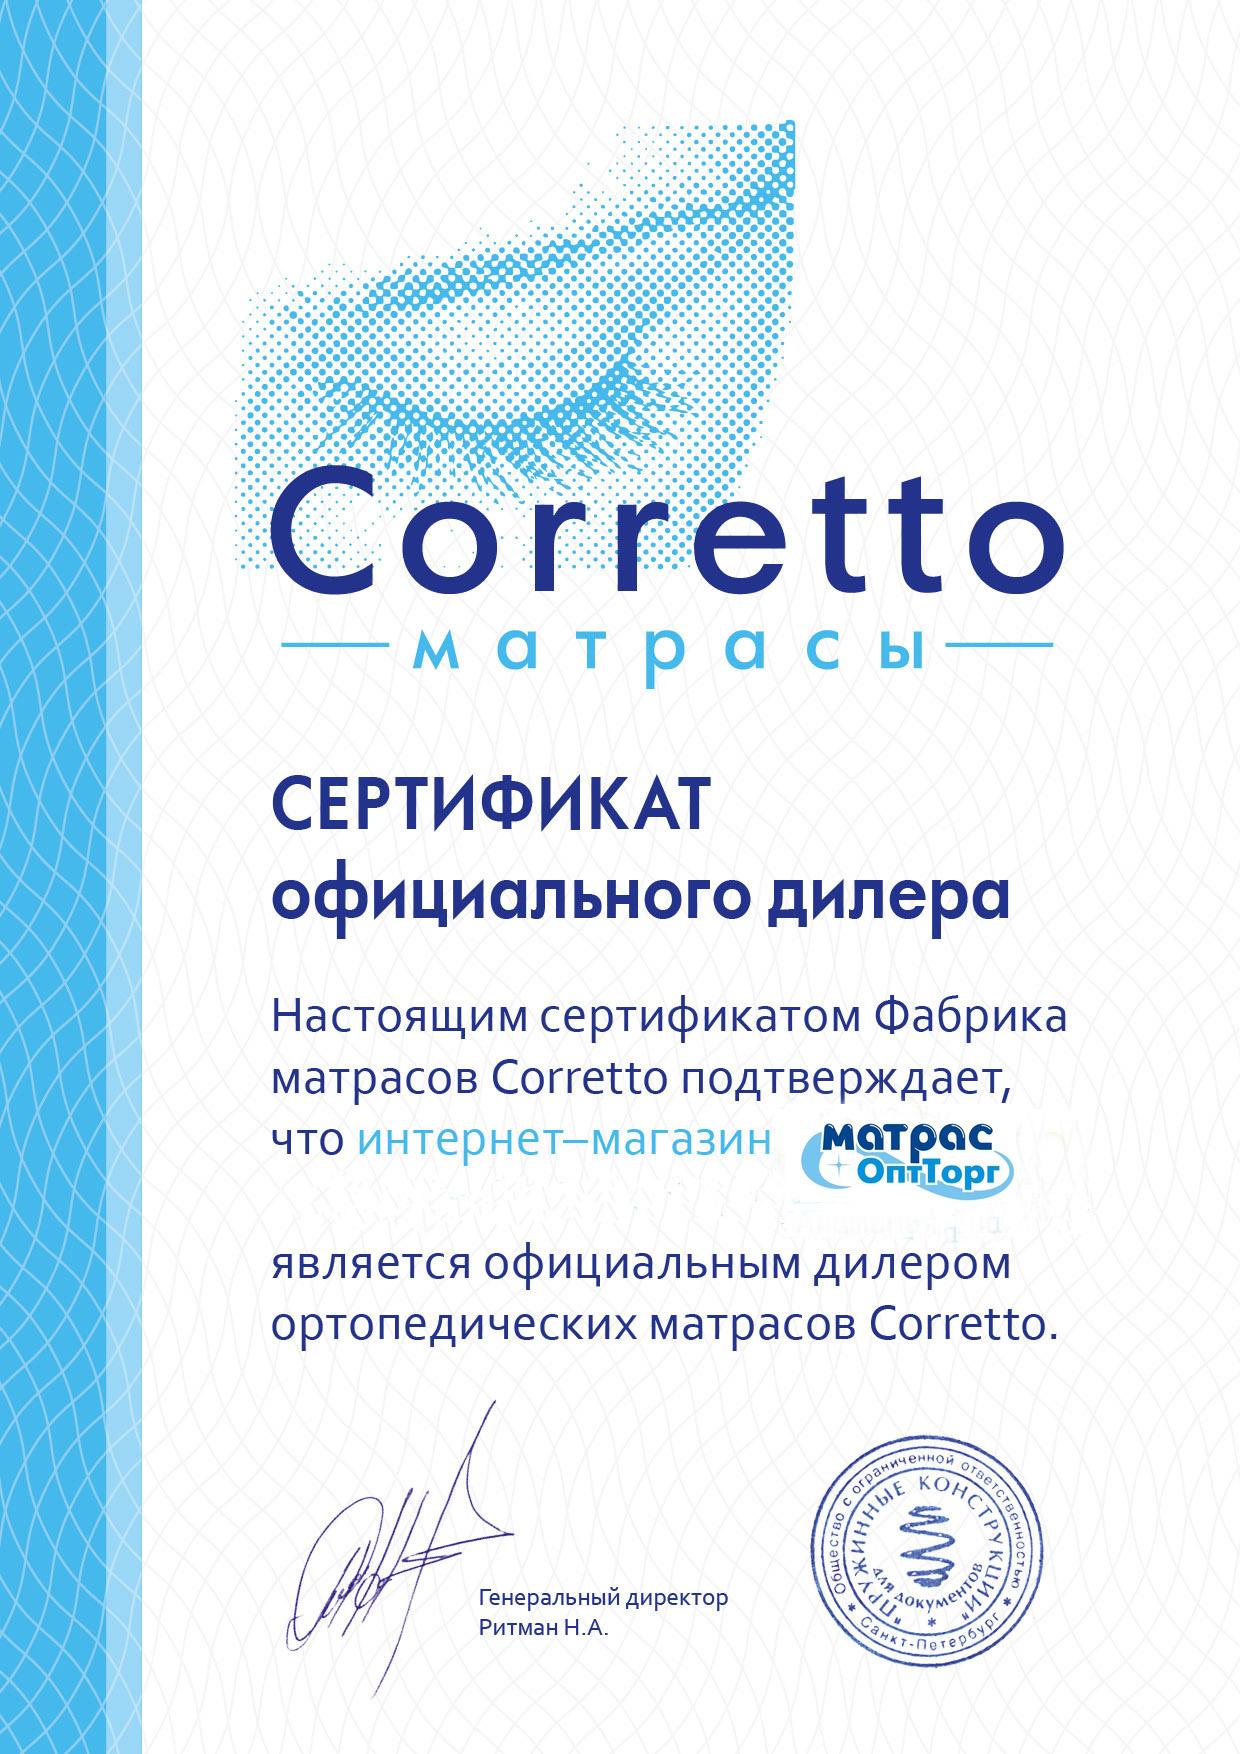 сертификат corretto матрасы